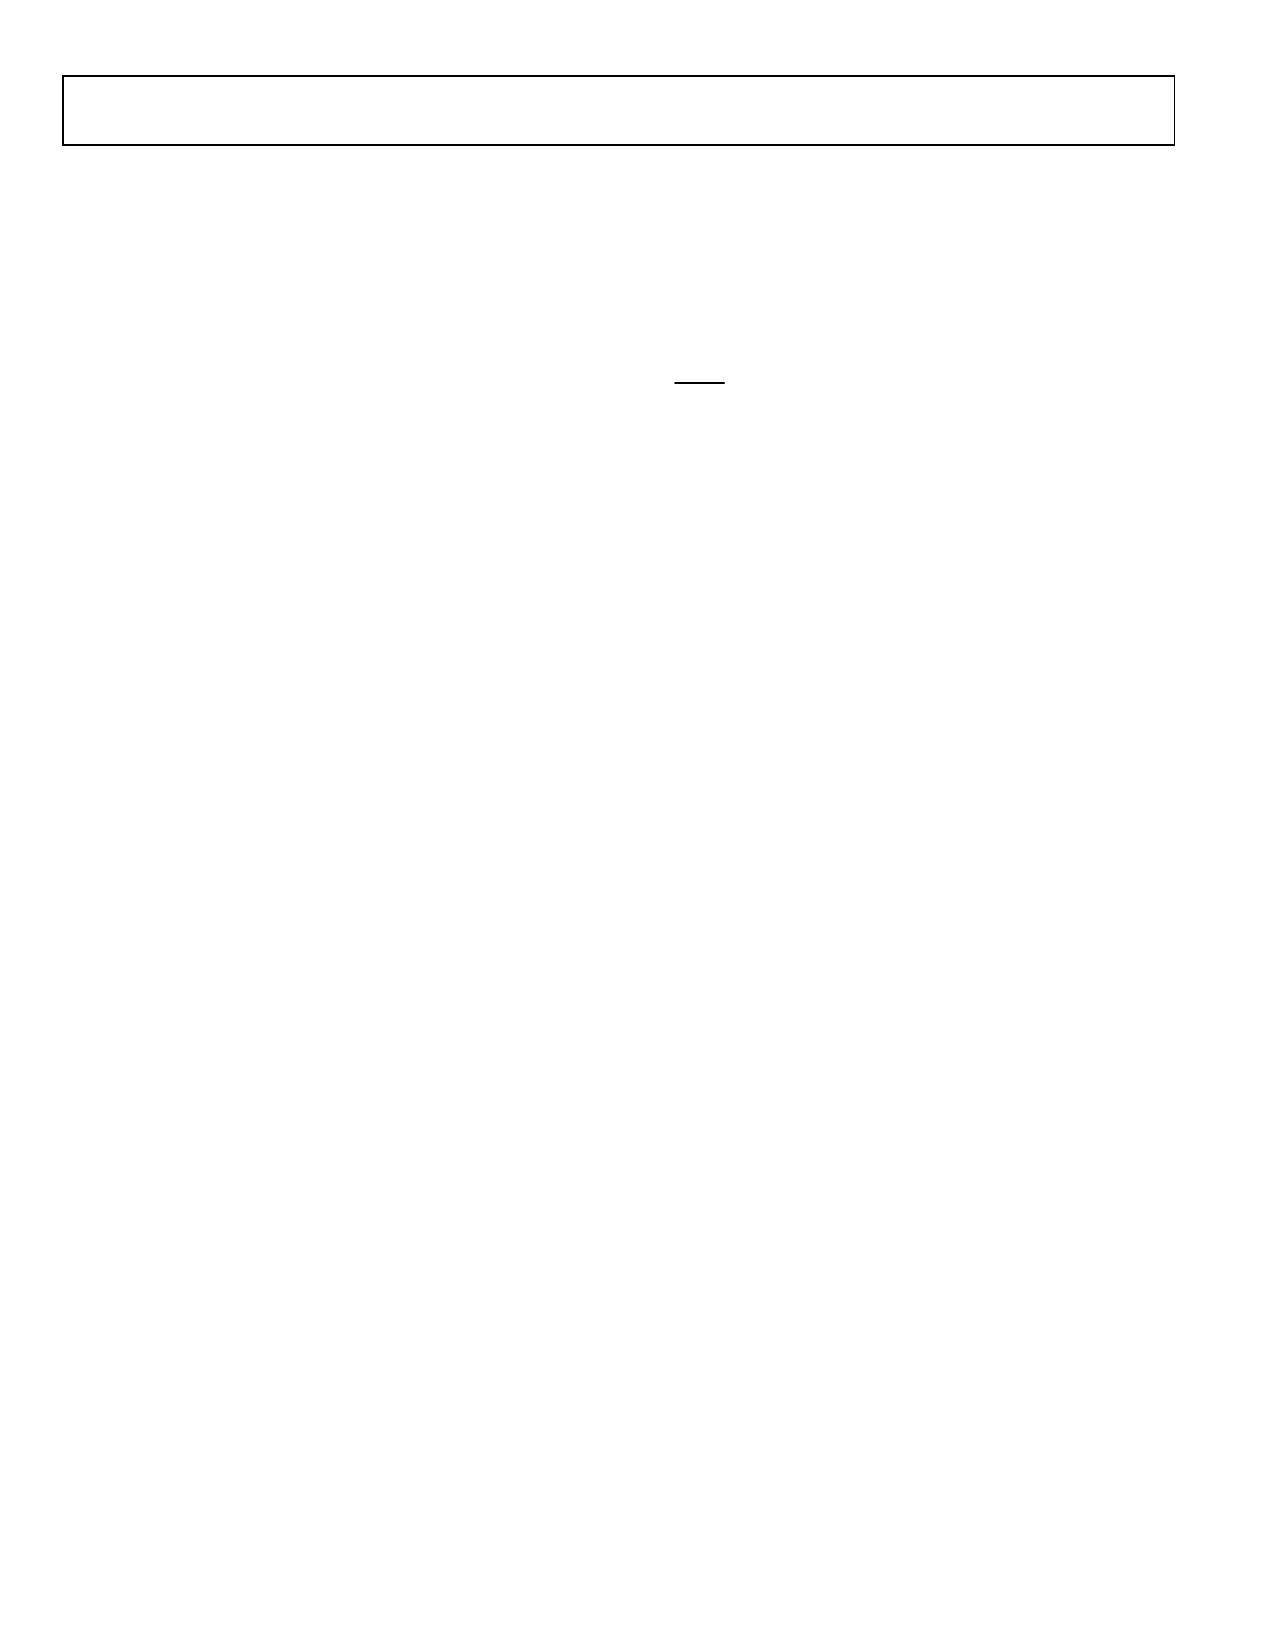 AD5664R Даташит, Описание, Даташиты